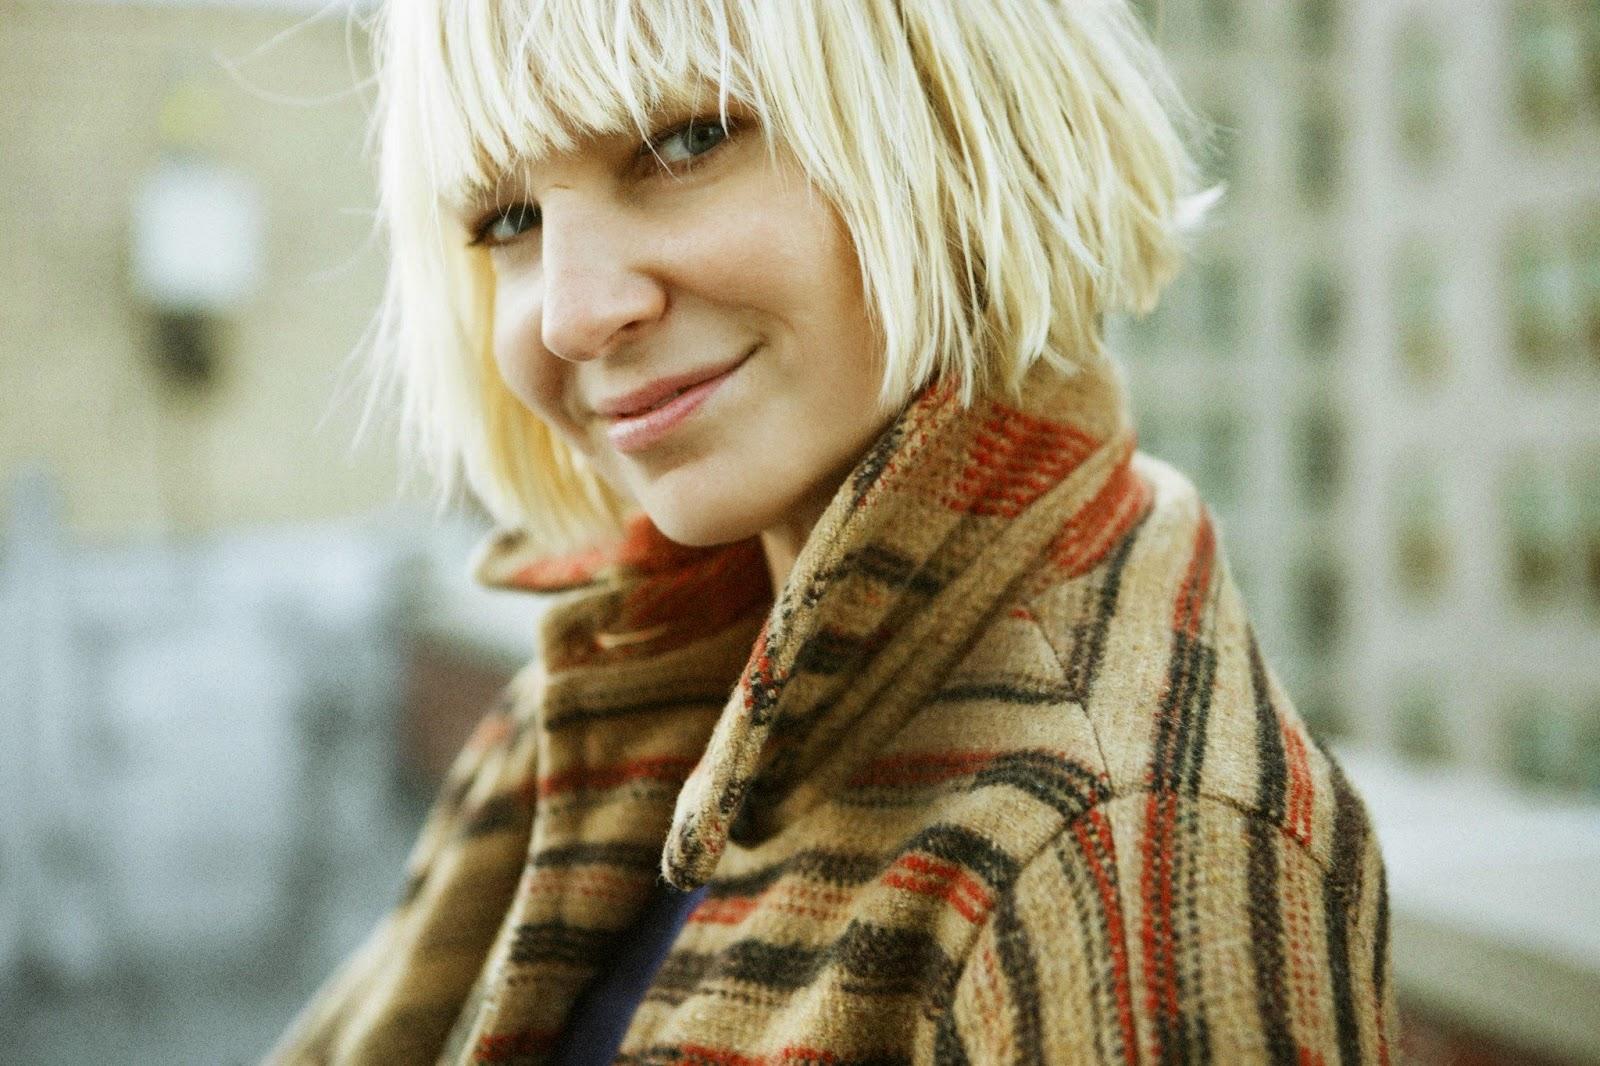 Sia Chandelier | Dalszöveg magyarul - Magyar fordítás - Lyrics ...